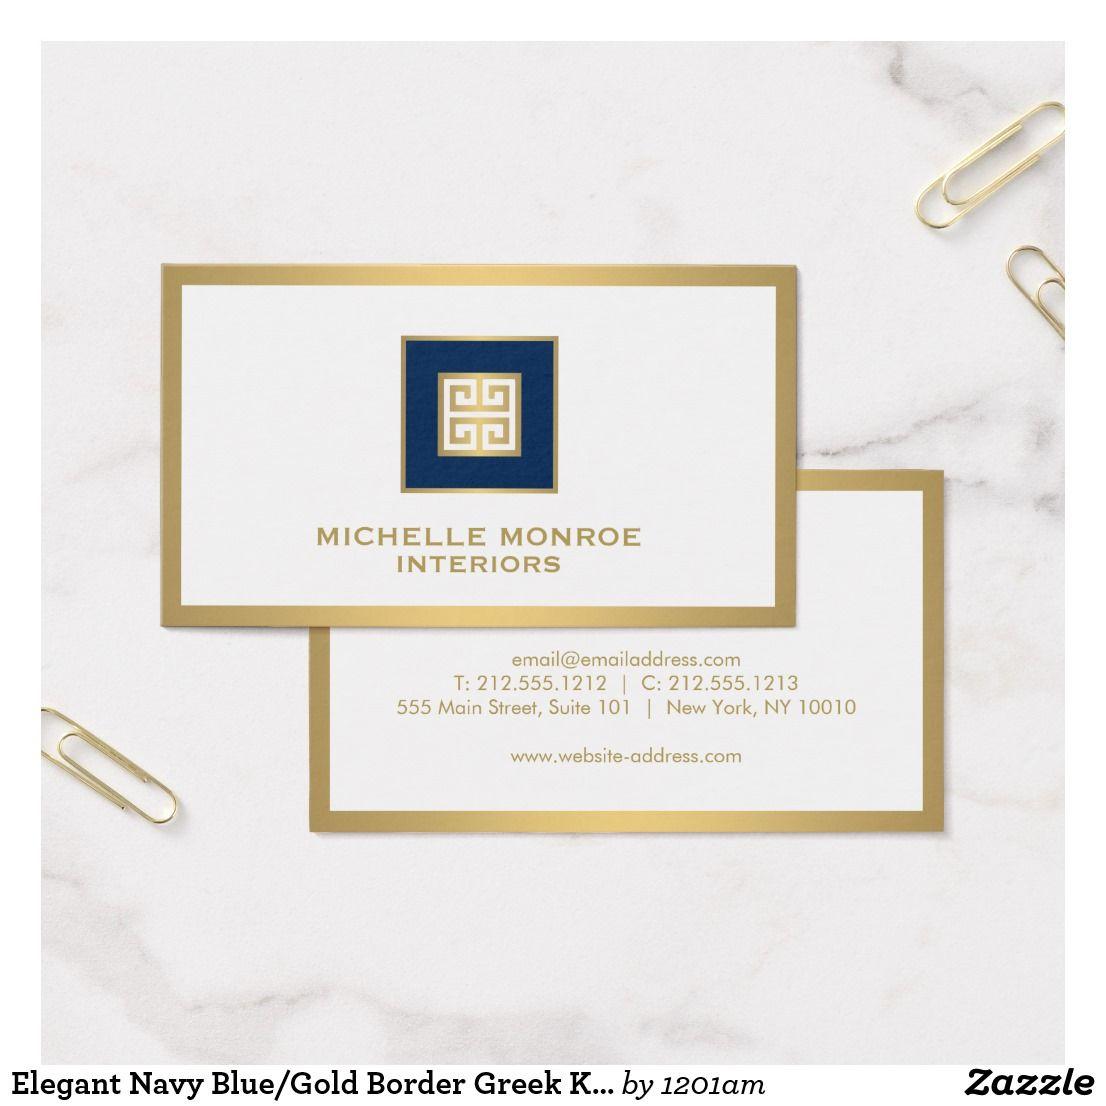 Elegant navy bluegold border greek key designer business card elegant navy bluegold border greek key designer business card reheart Choice Image